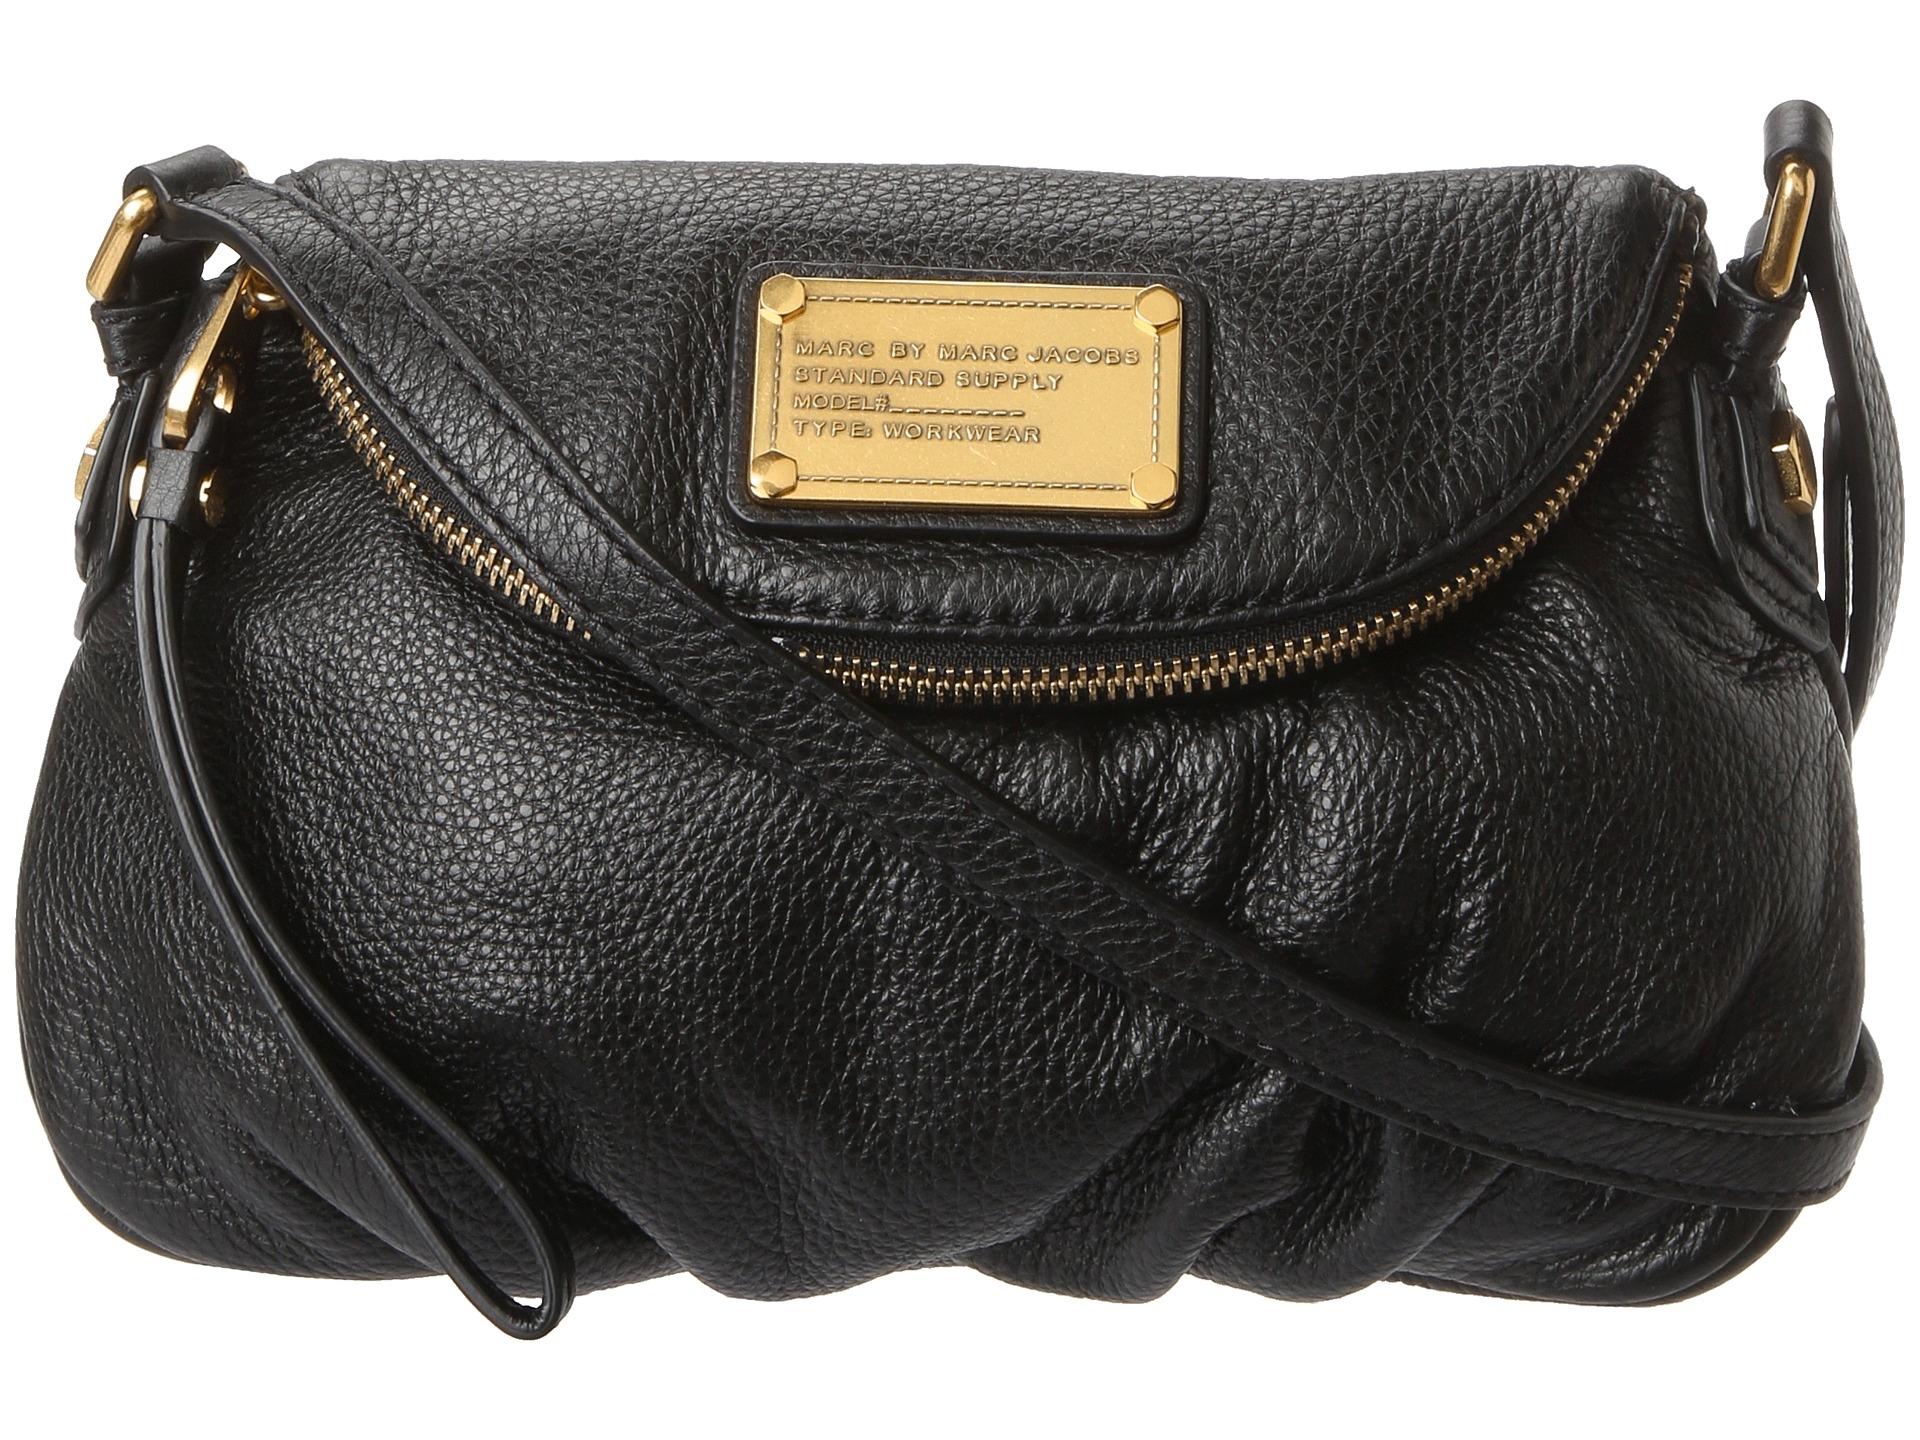 Сумки Marc Jacobs - сумка Marc Jacobs MMJ-B6846 c8dd975bacd